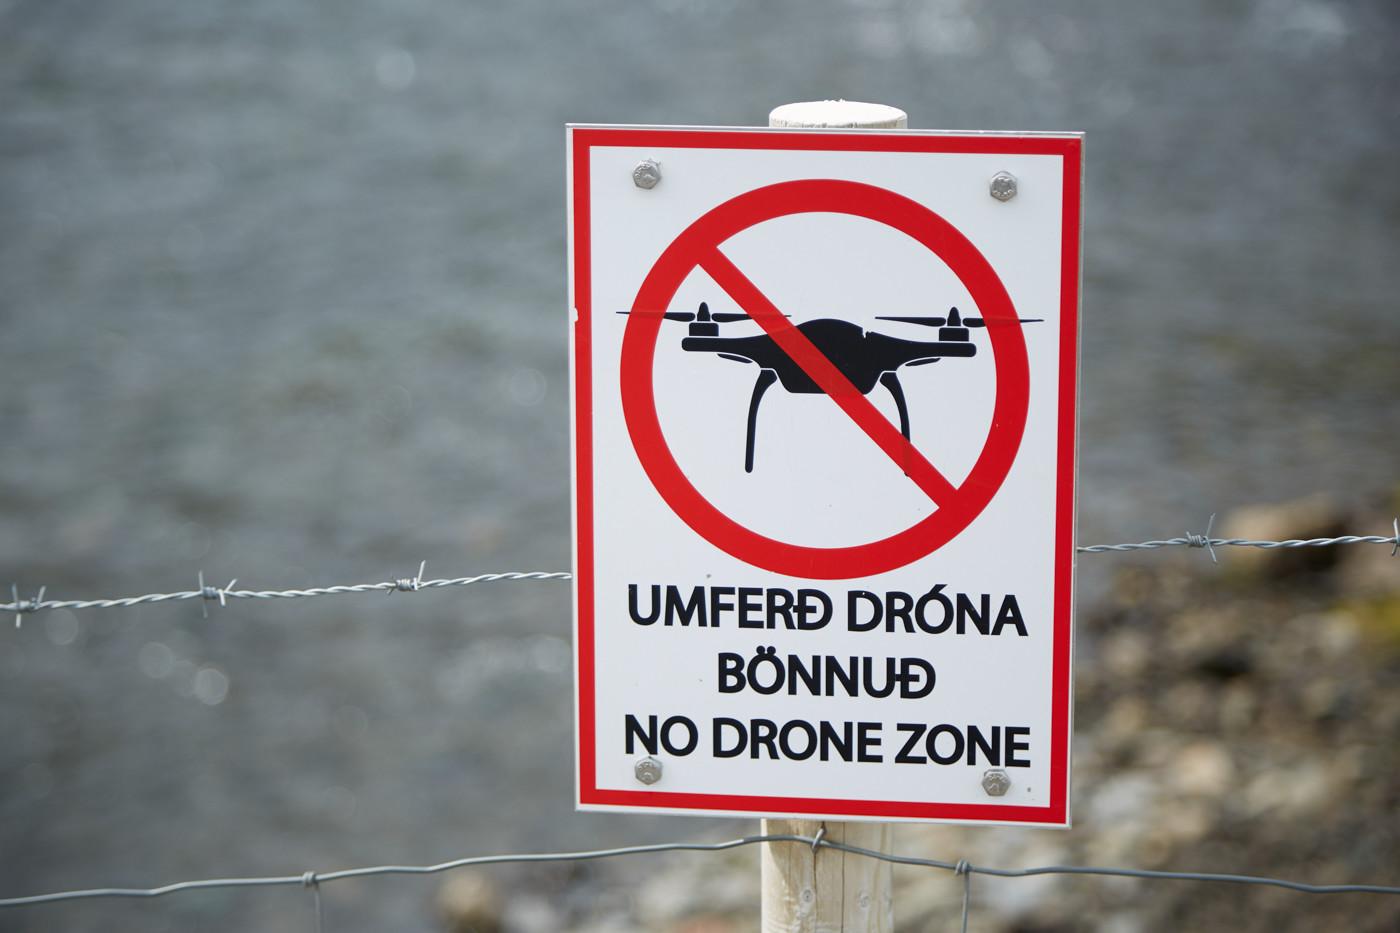 Island, Drohnen Verboten, Drohnen, Flugverbotszone, No Drones, No Drone Zone, Iceland